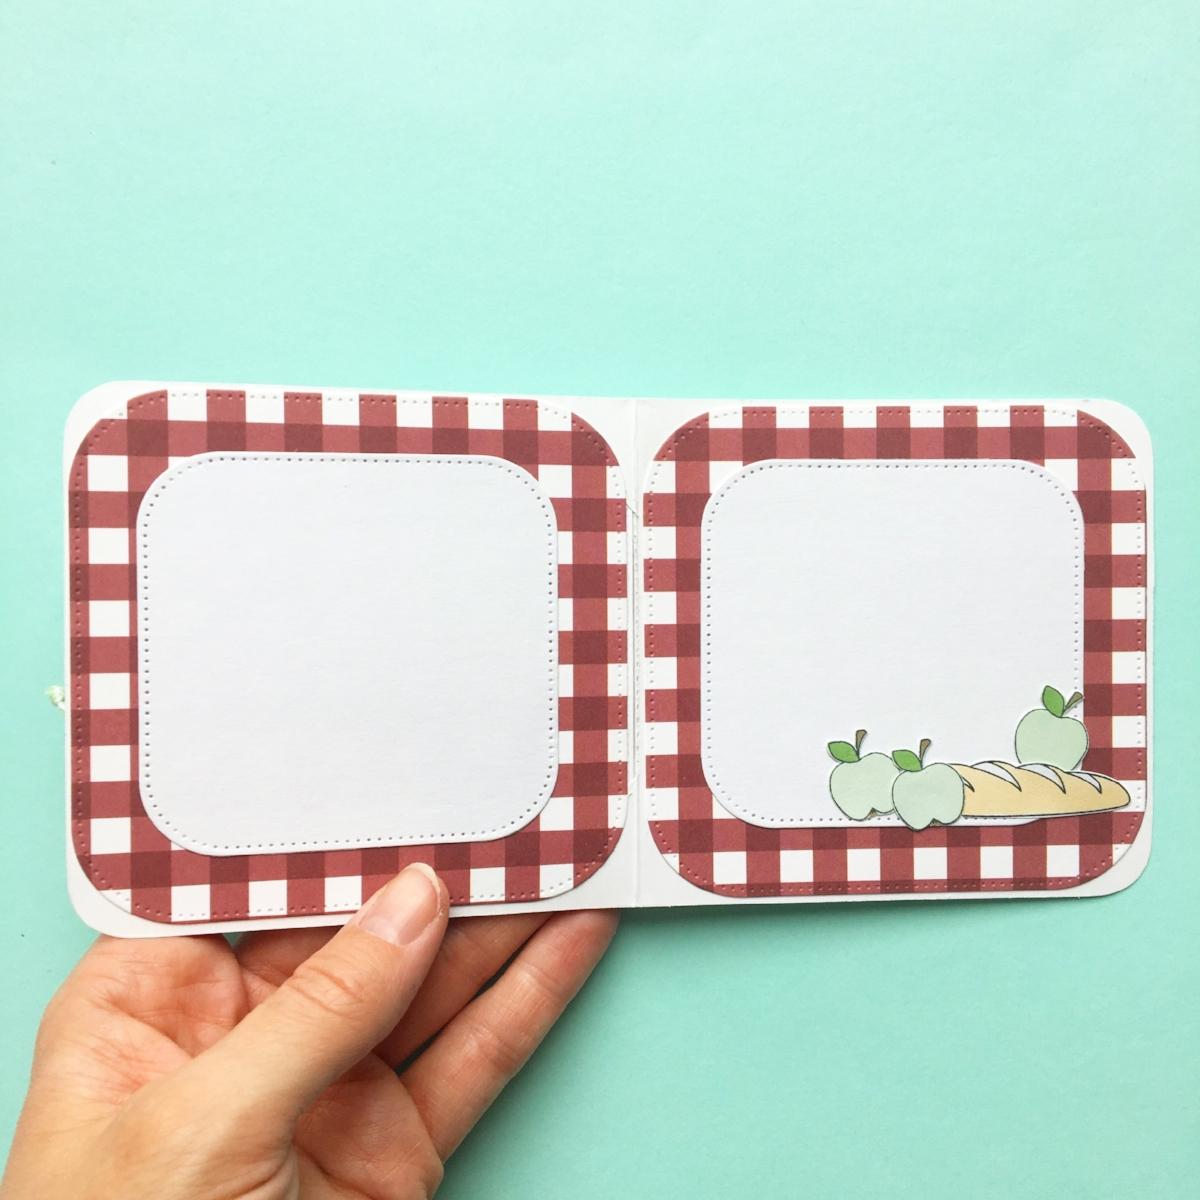 Kort 3 (åben) Når kortet åbnes.